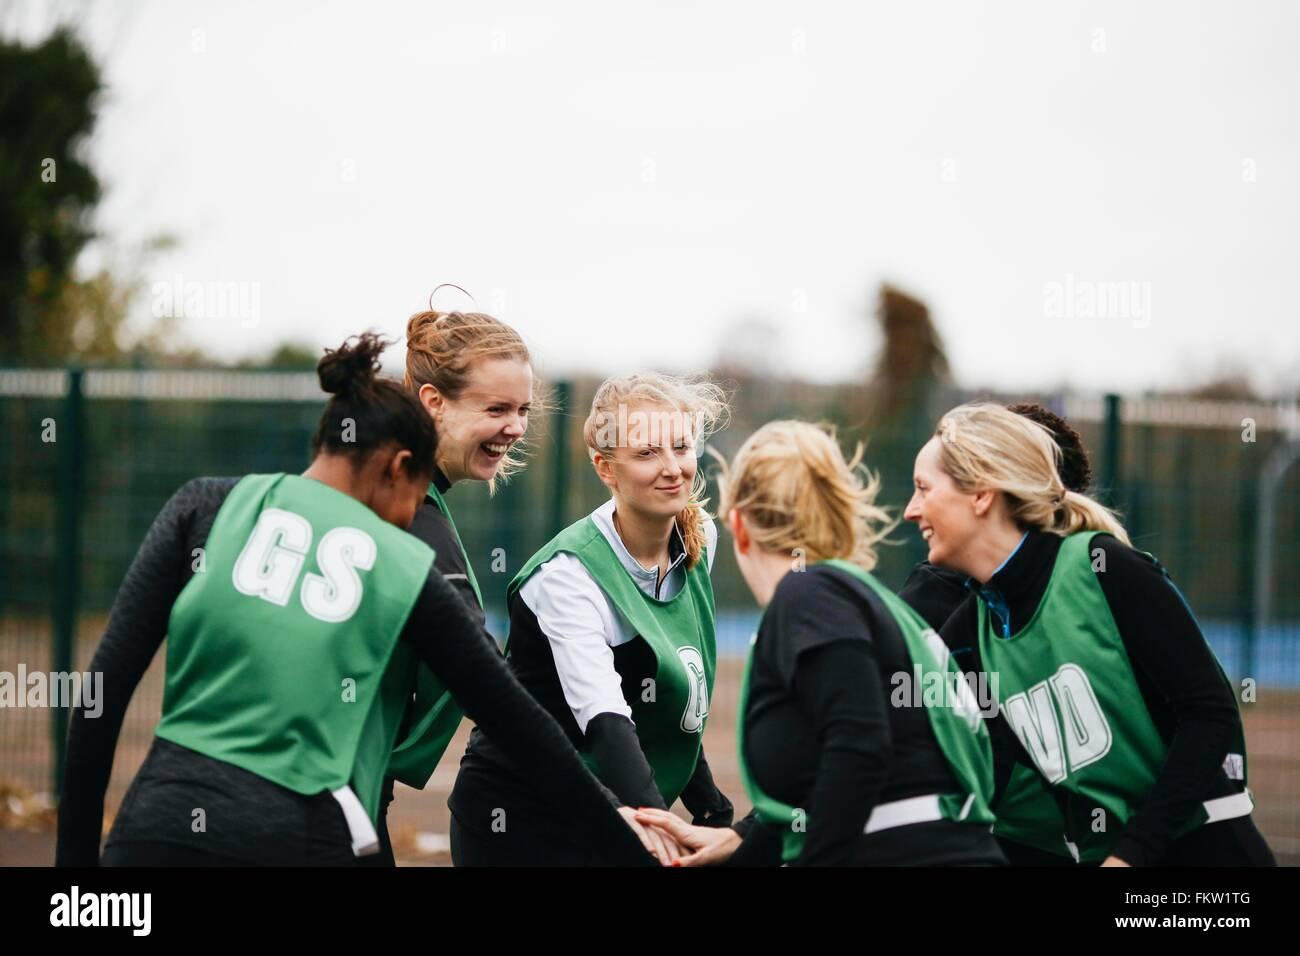 L'équipe de netball féminin se serrer la main sur la cour de netball Photo Stock